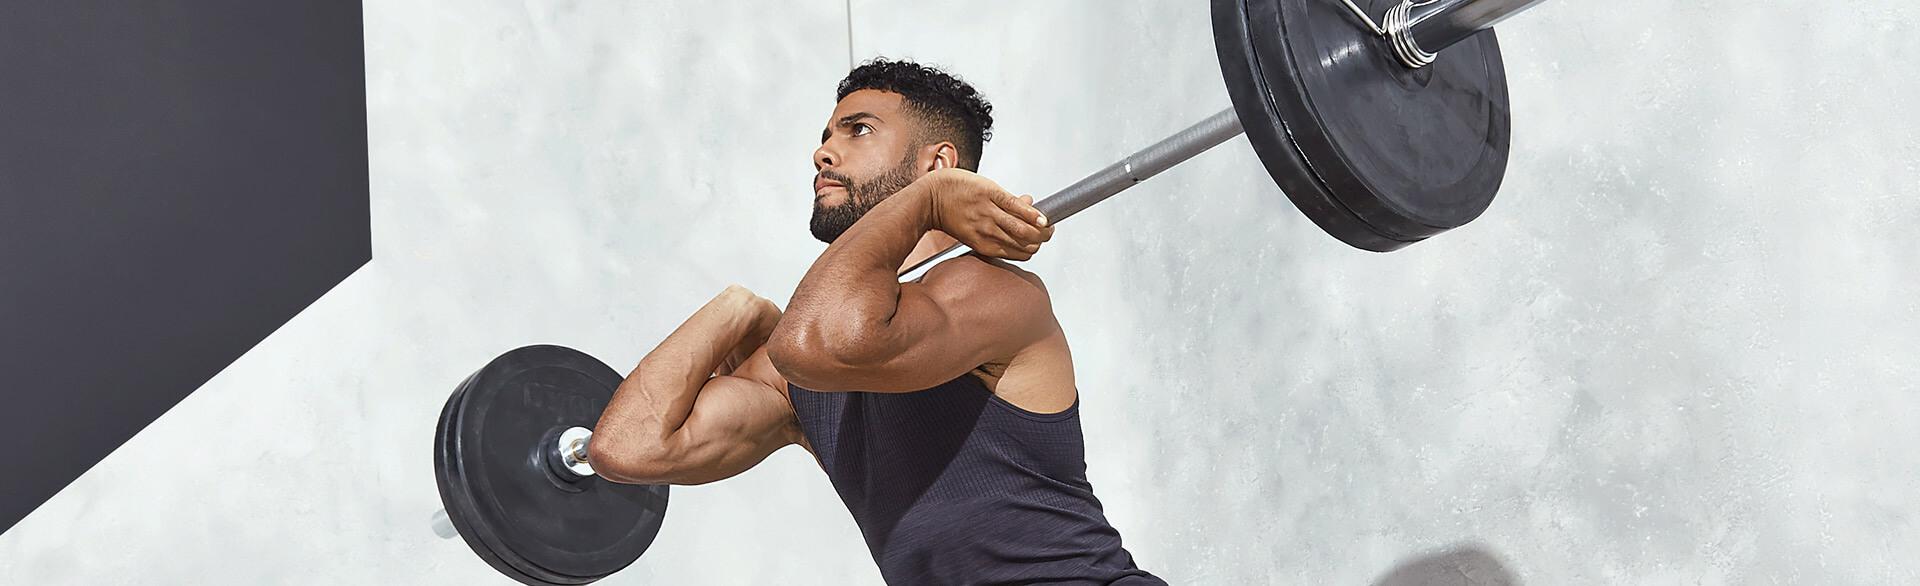 Muskuļi un spēks